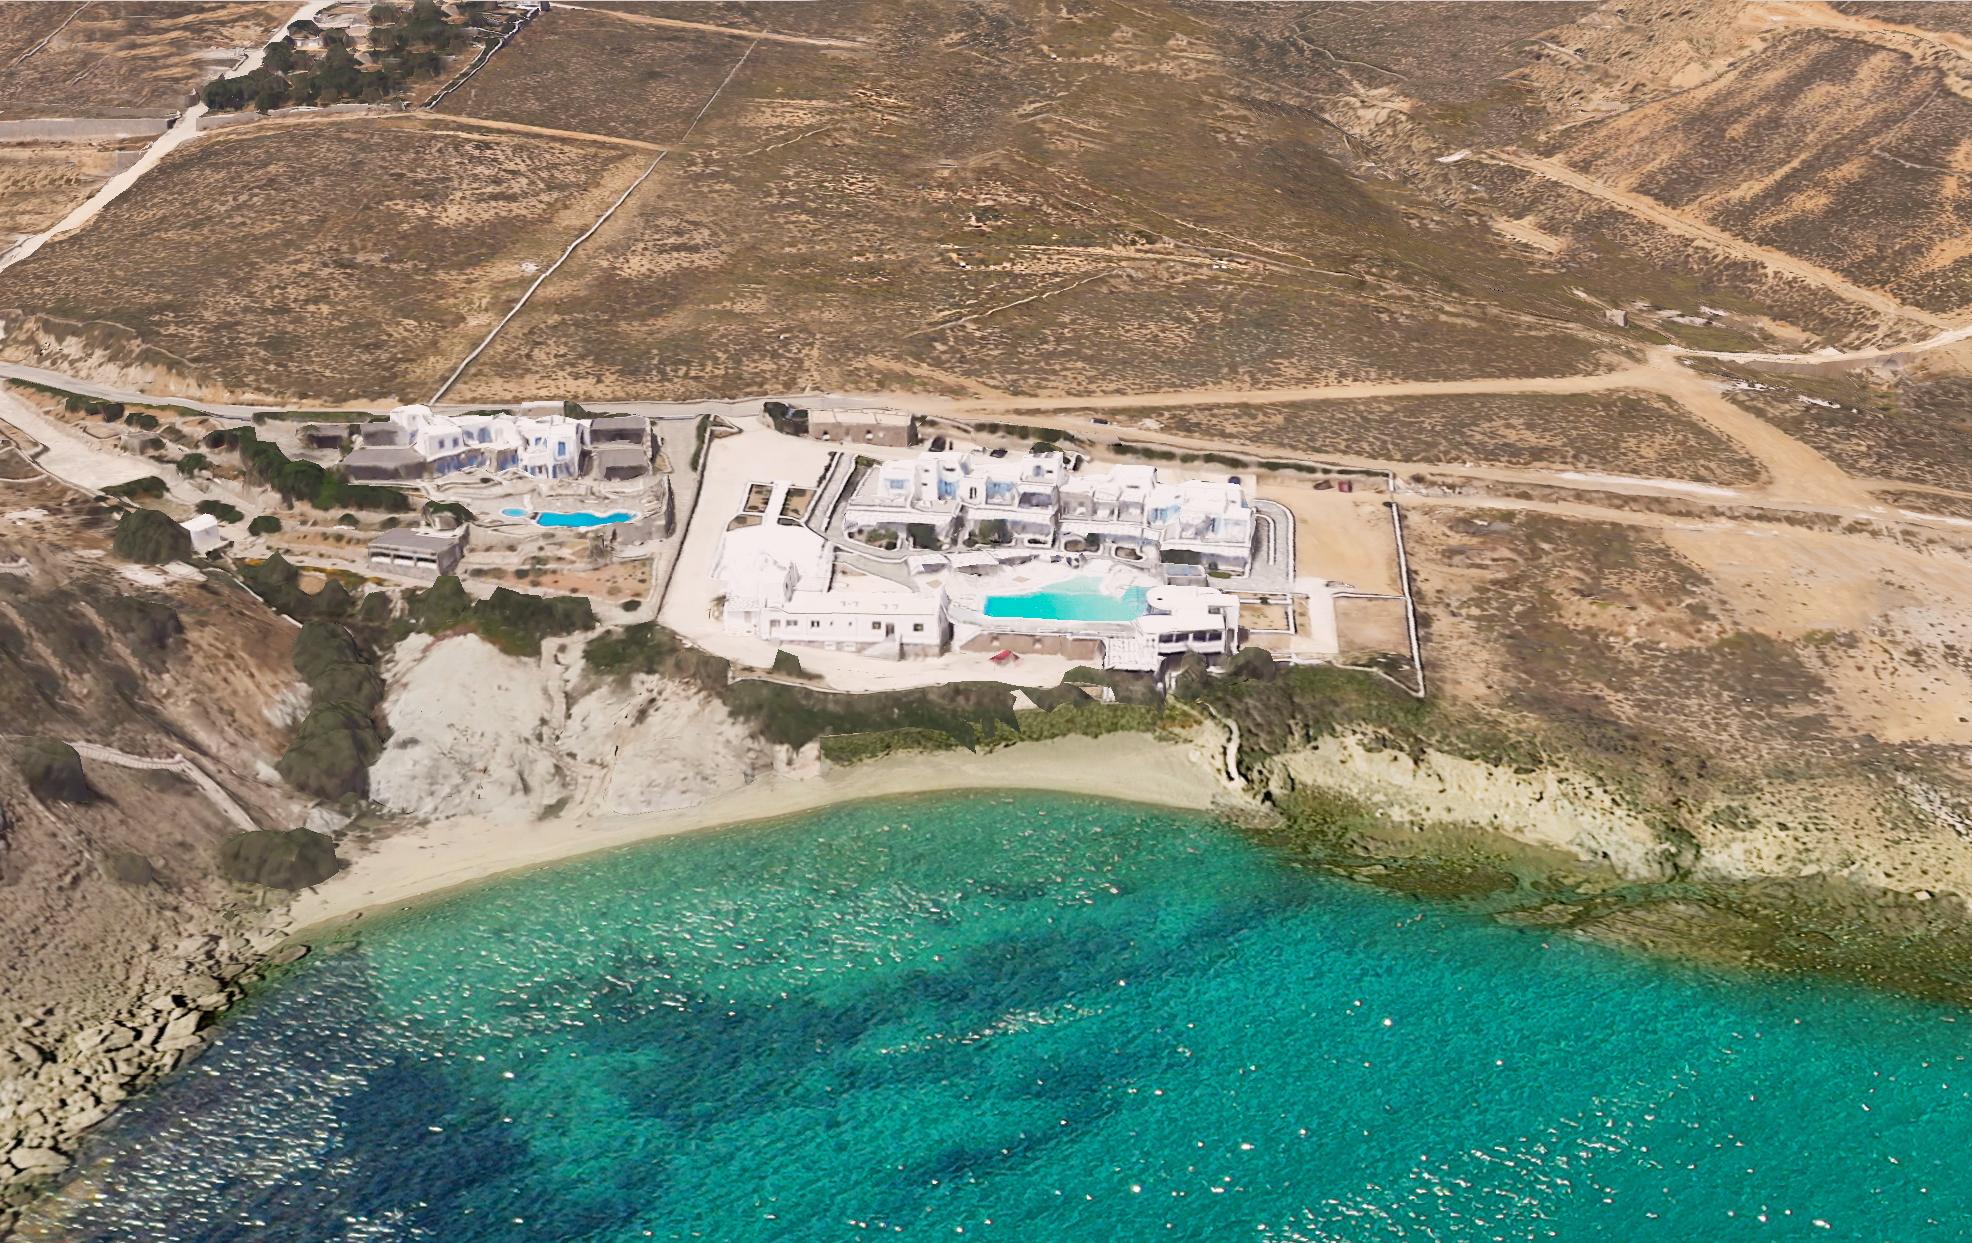 Όμιλος Grecotel: Ολοκληρώθηκε η εξαγορά 5 ξενοδοχείων